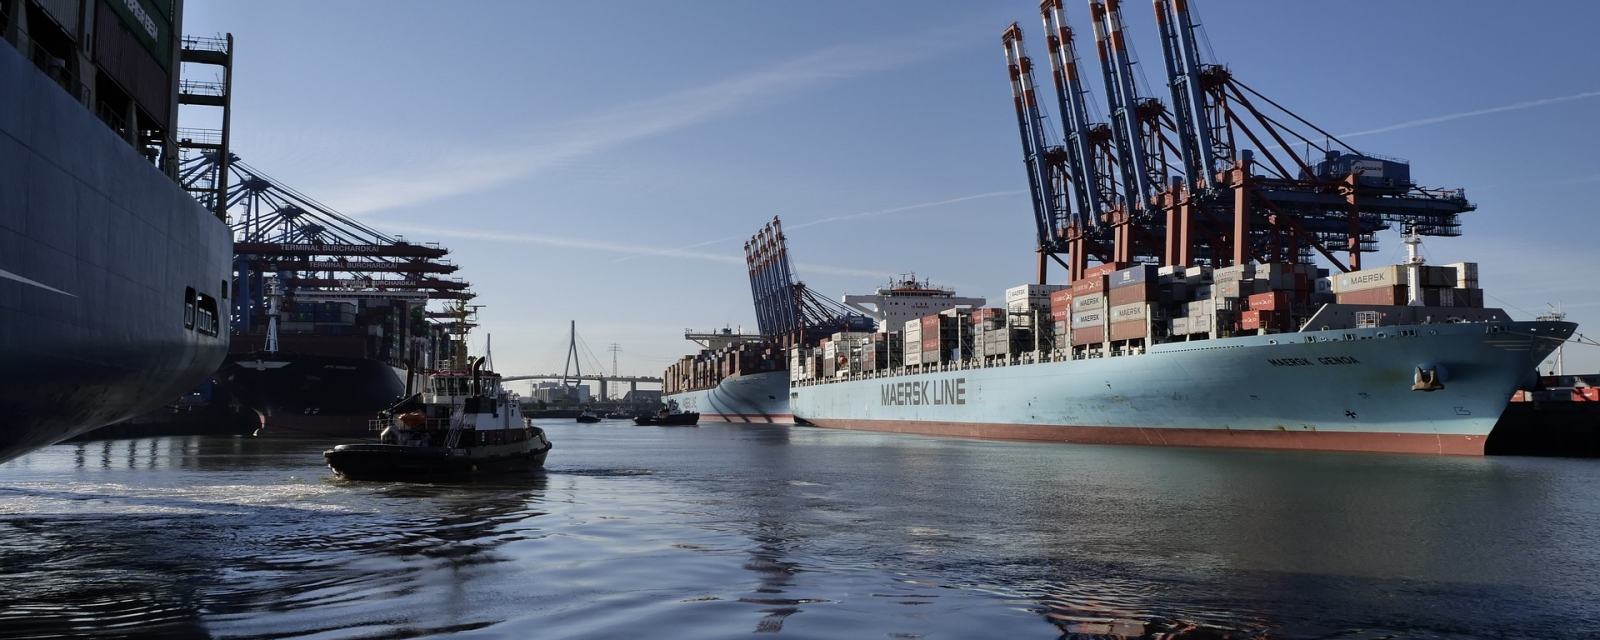 Filière Nautisme, Économie Portuaire, Transports